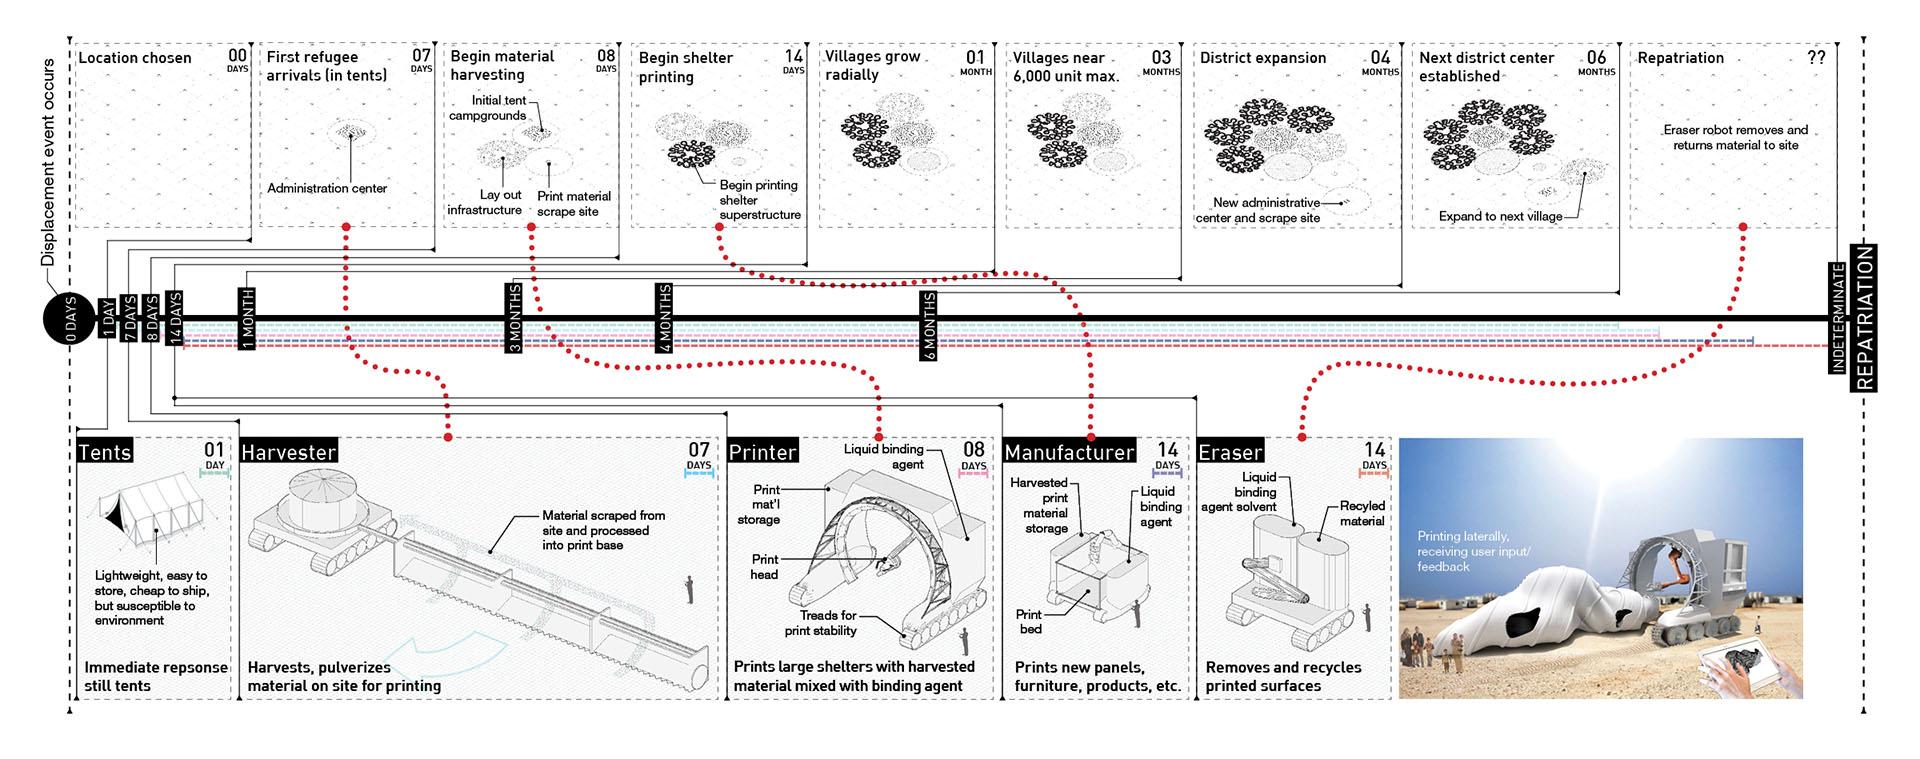 Fig. 12 , Village expansion print timeline